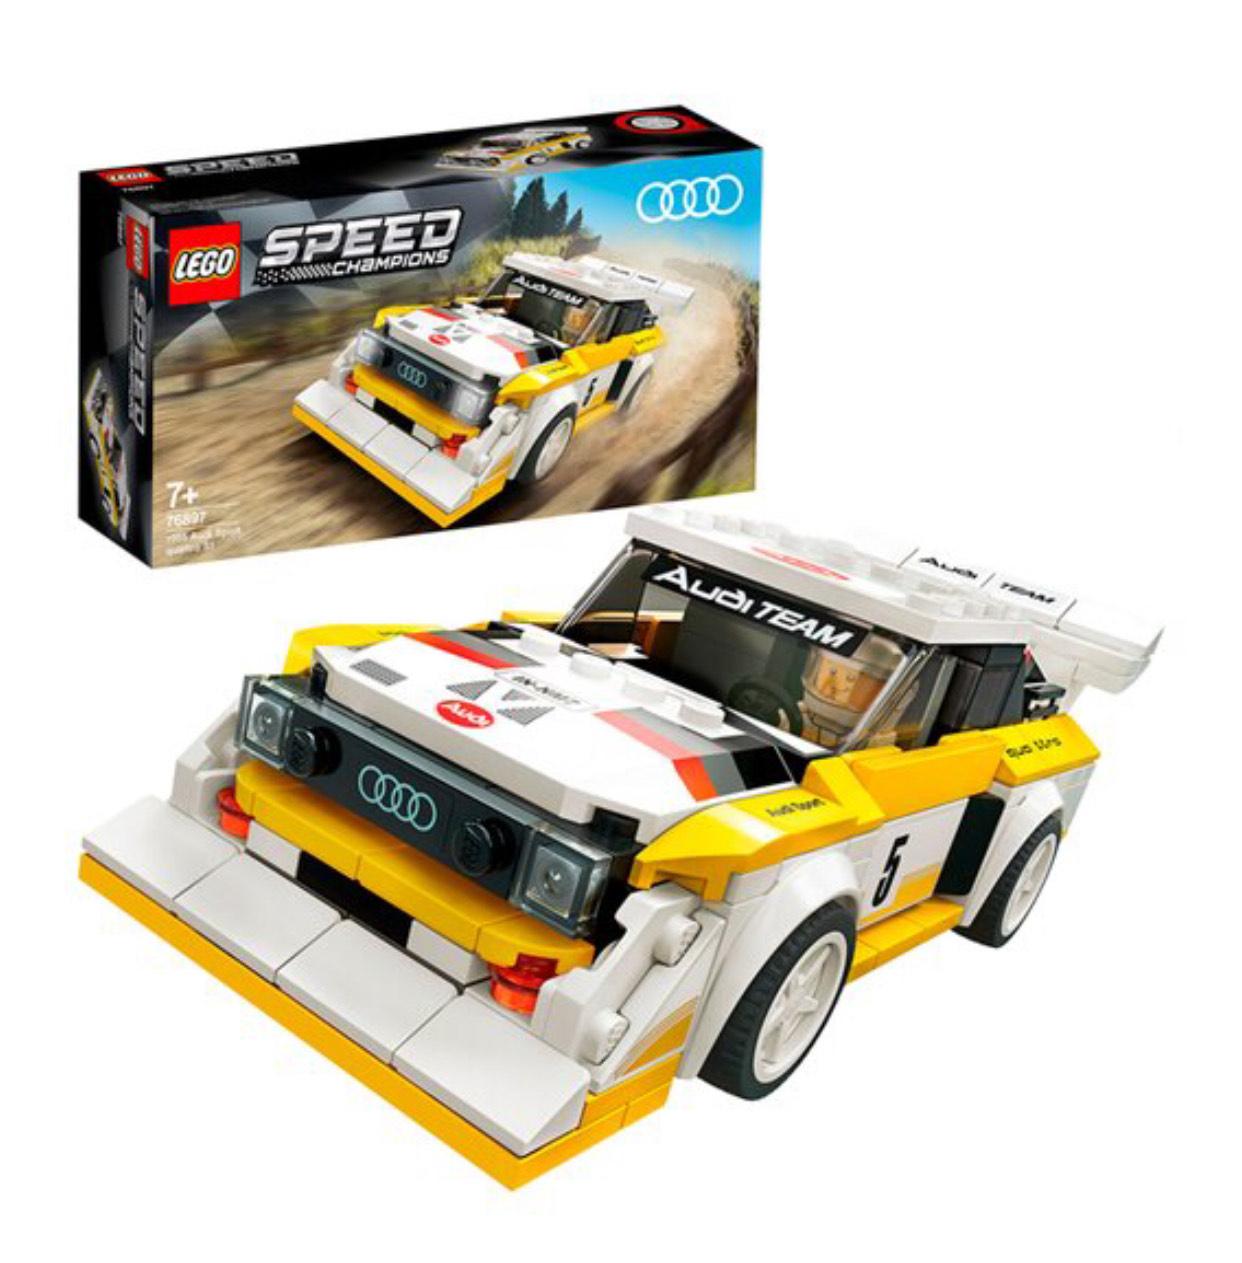 LEGO 1984 Audi Sport Quattro S1 76897 at Tesco £14